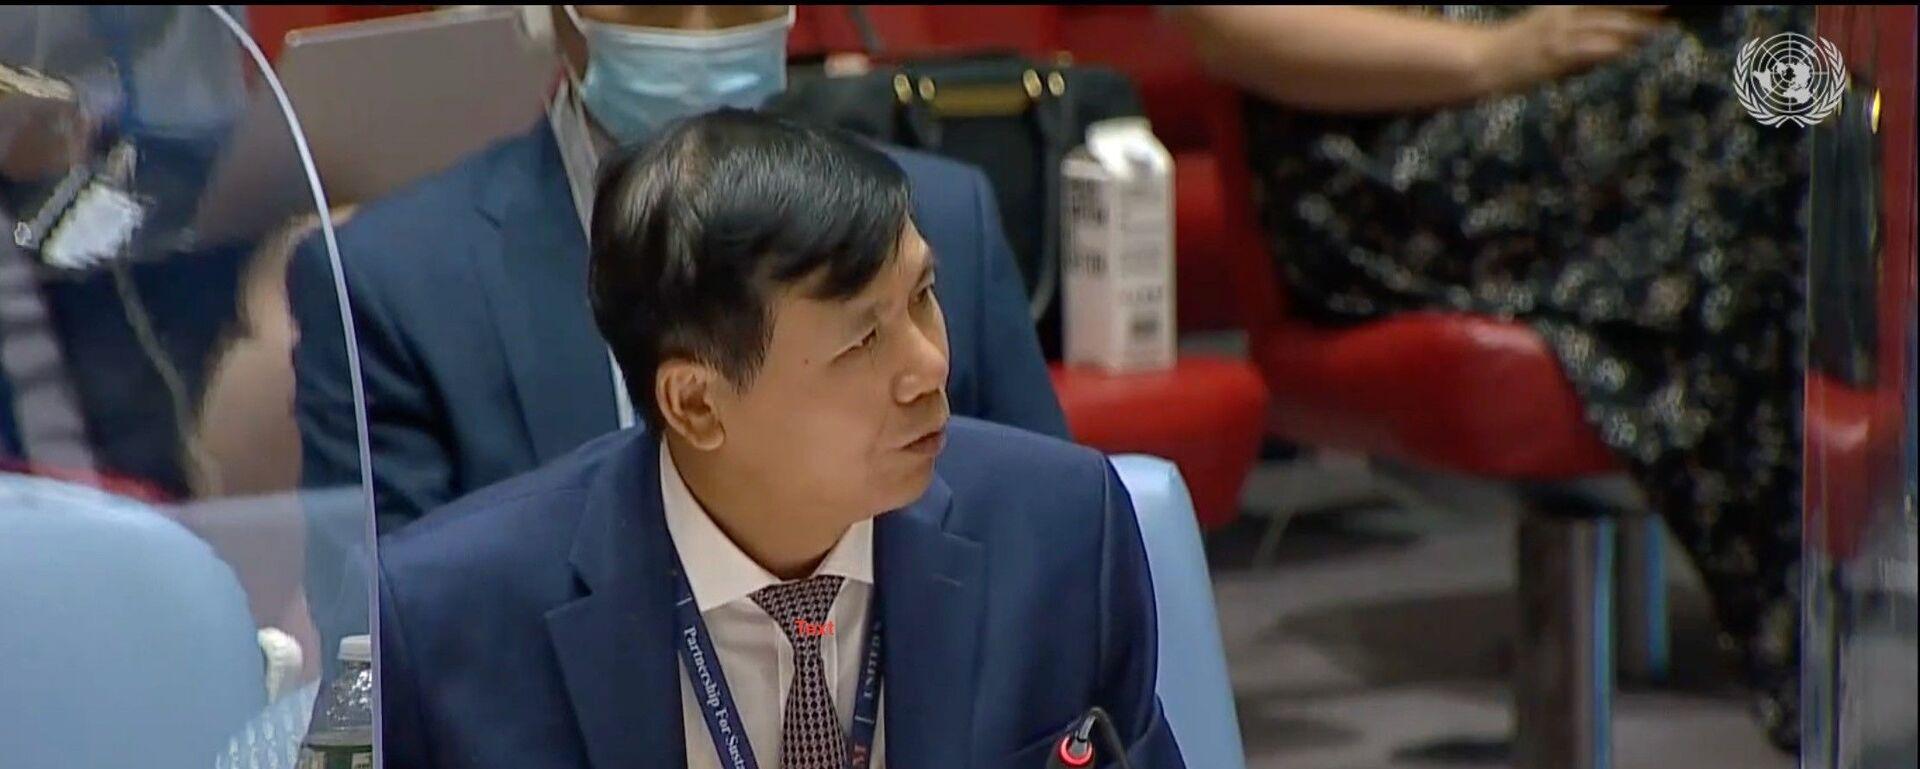 Đại sứ Đặng Đình Quý - Trưởng Phái đoàn đại diện thường trực Việt Nam tại LHQ phát biểu tại phiên họp HĐBA LHQ về tình hình Iraq và hoạt động của Phái bộ LHQ Hỗ trợ Iraq (UNAMI) ngày 25/8/2021. - Sputnik Việt Nam, 1920, 13.10.2021